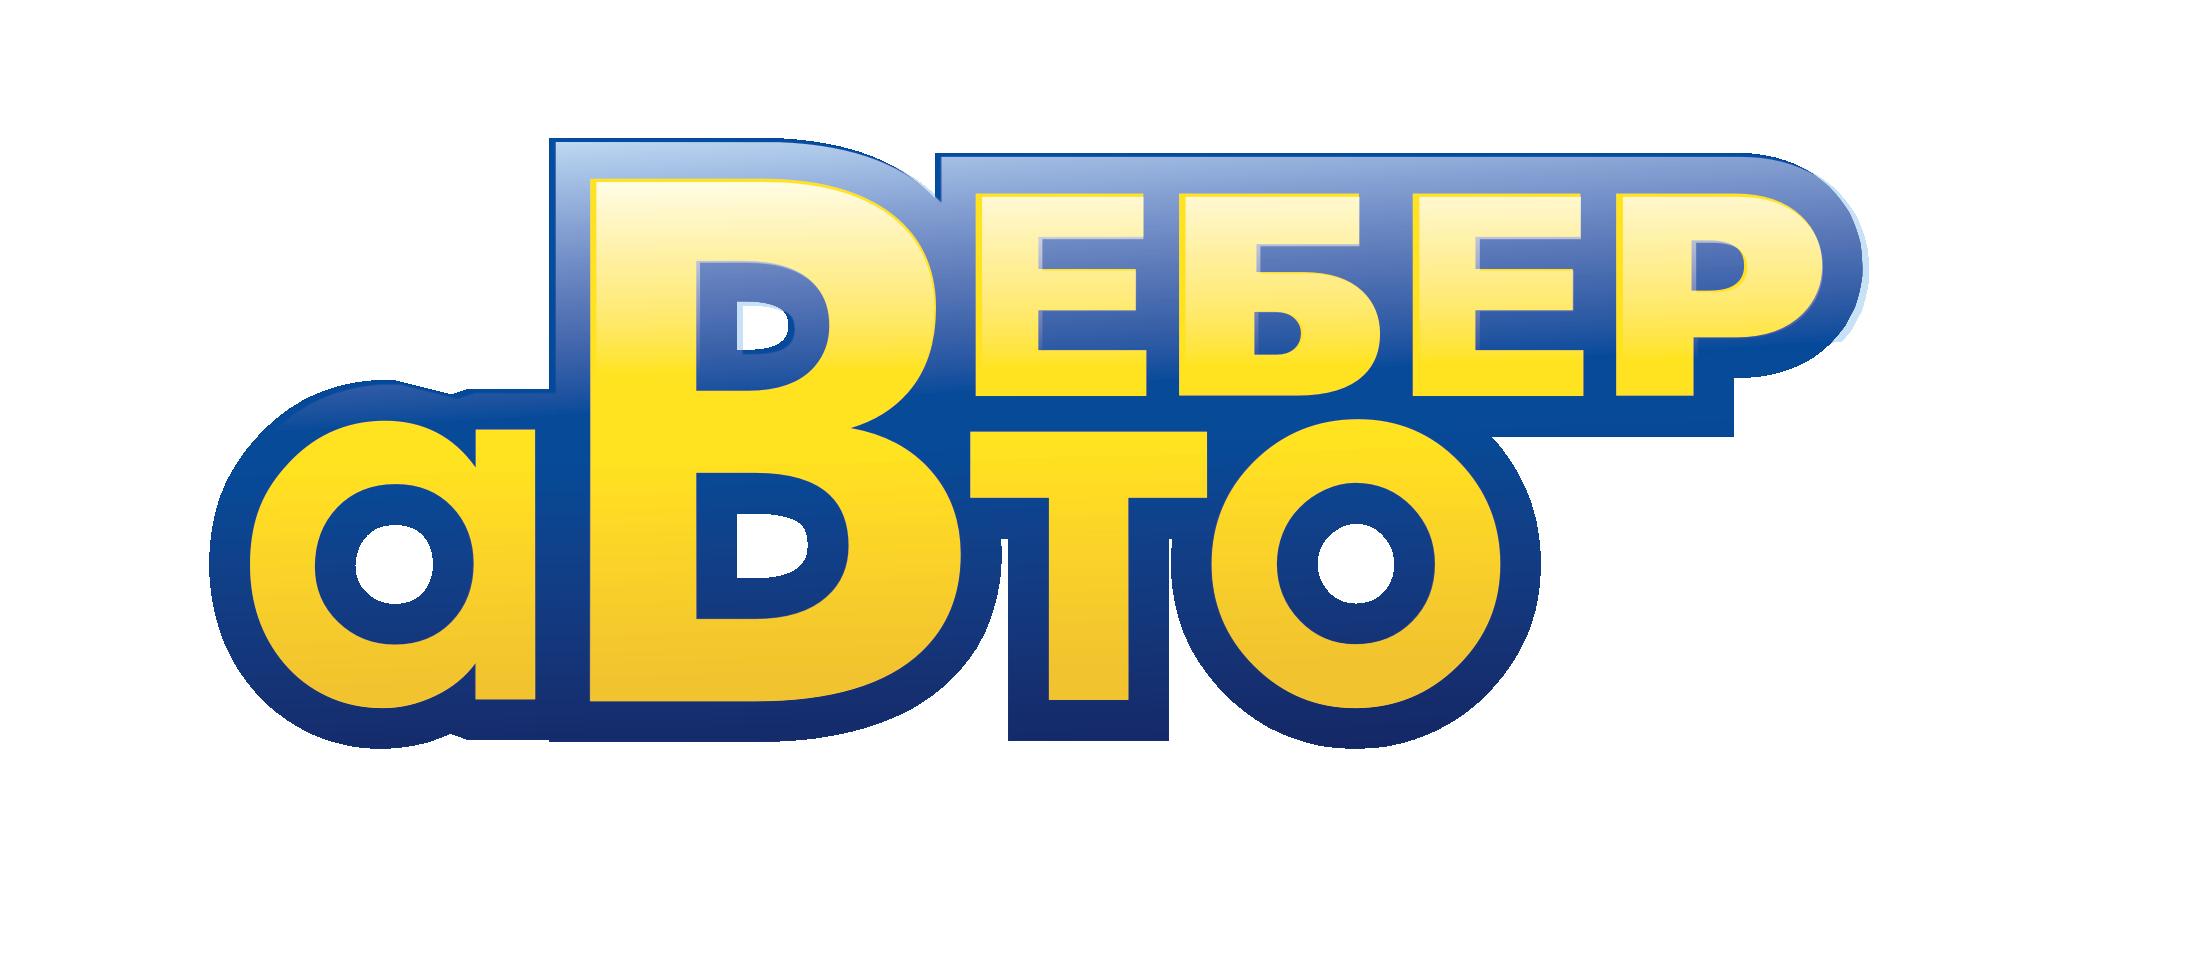 Работа в компании «Служба эвакуации Вебер Авто» в Санкт-Петербурга